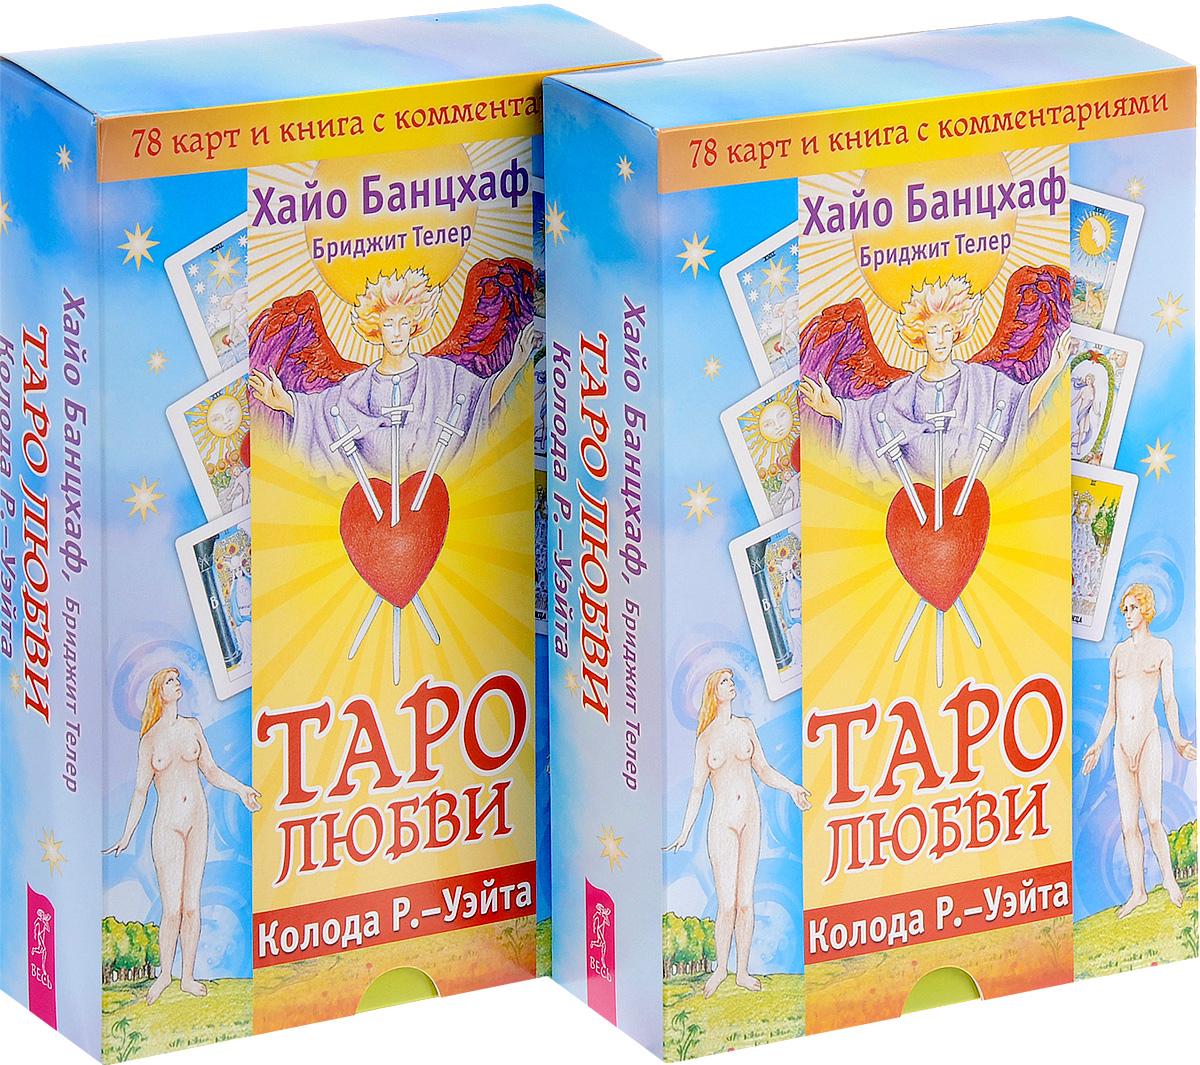 Таро любви (комплект из 2 книг + 2 колоды карт). Хайо Банцхаф, Бриджит Телер